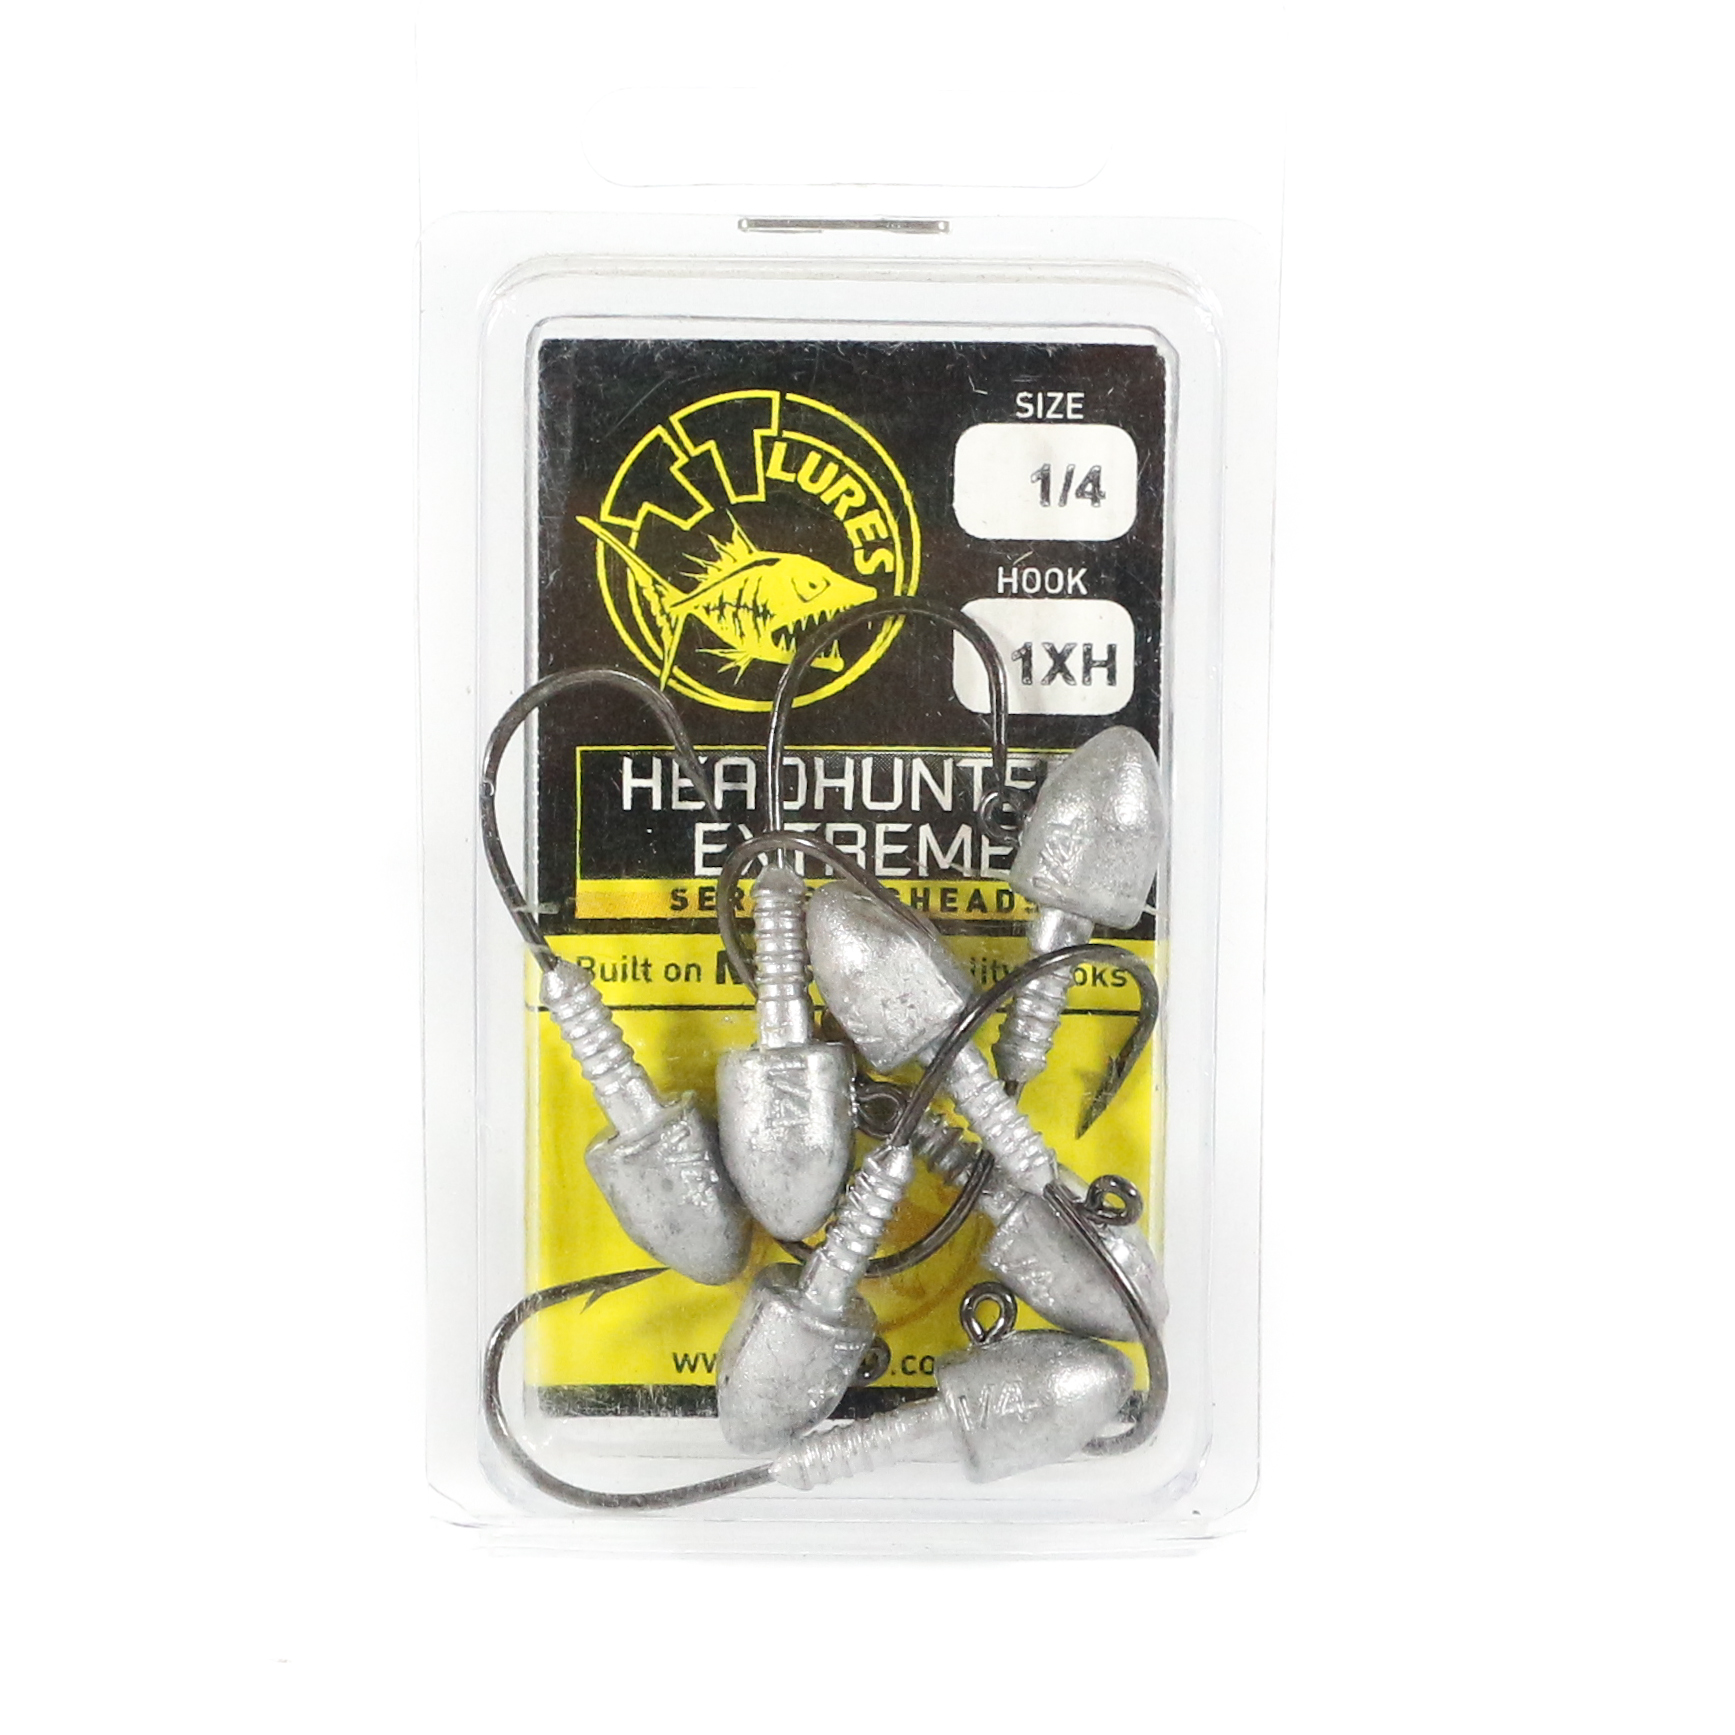 Tackle Tactics TT Head Hunter Extreme Jig Head 1/4 oz 1 XH 7 per pack (1500)